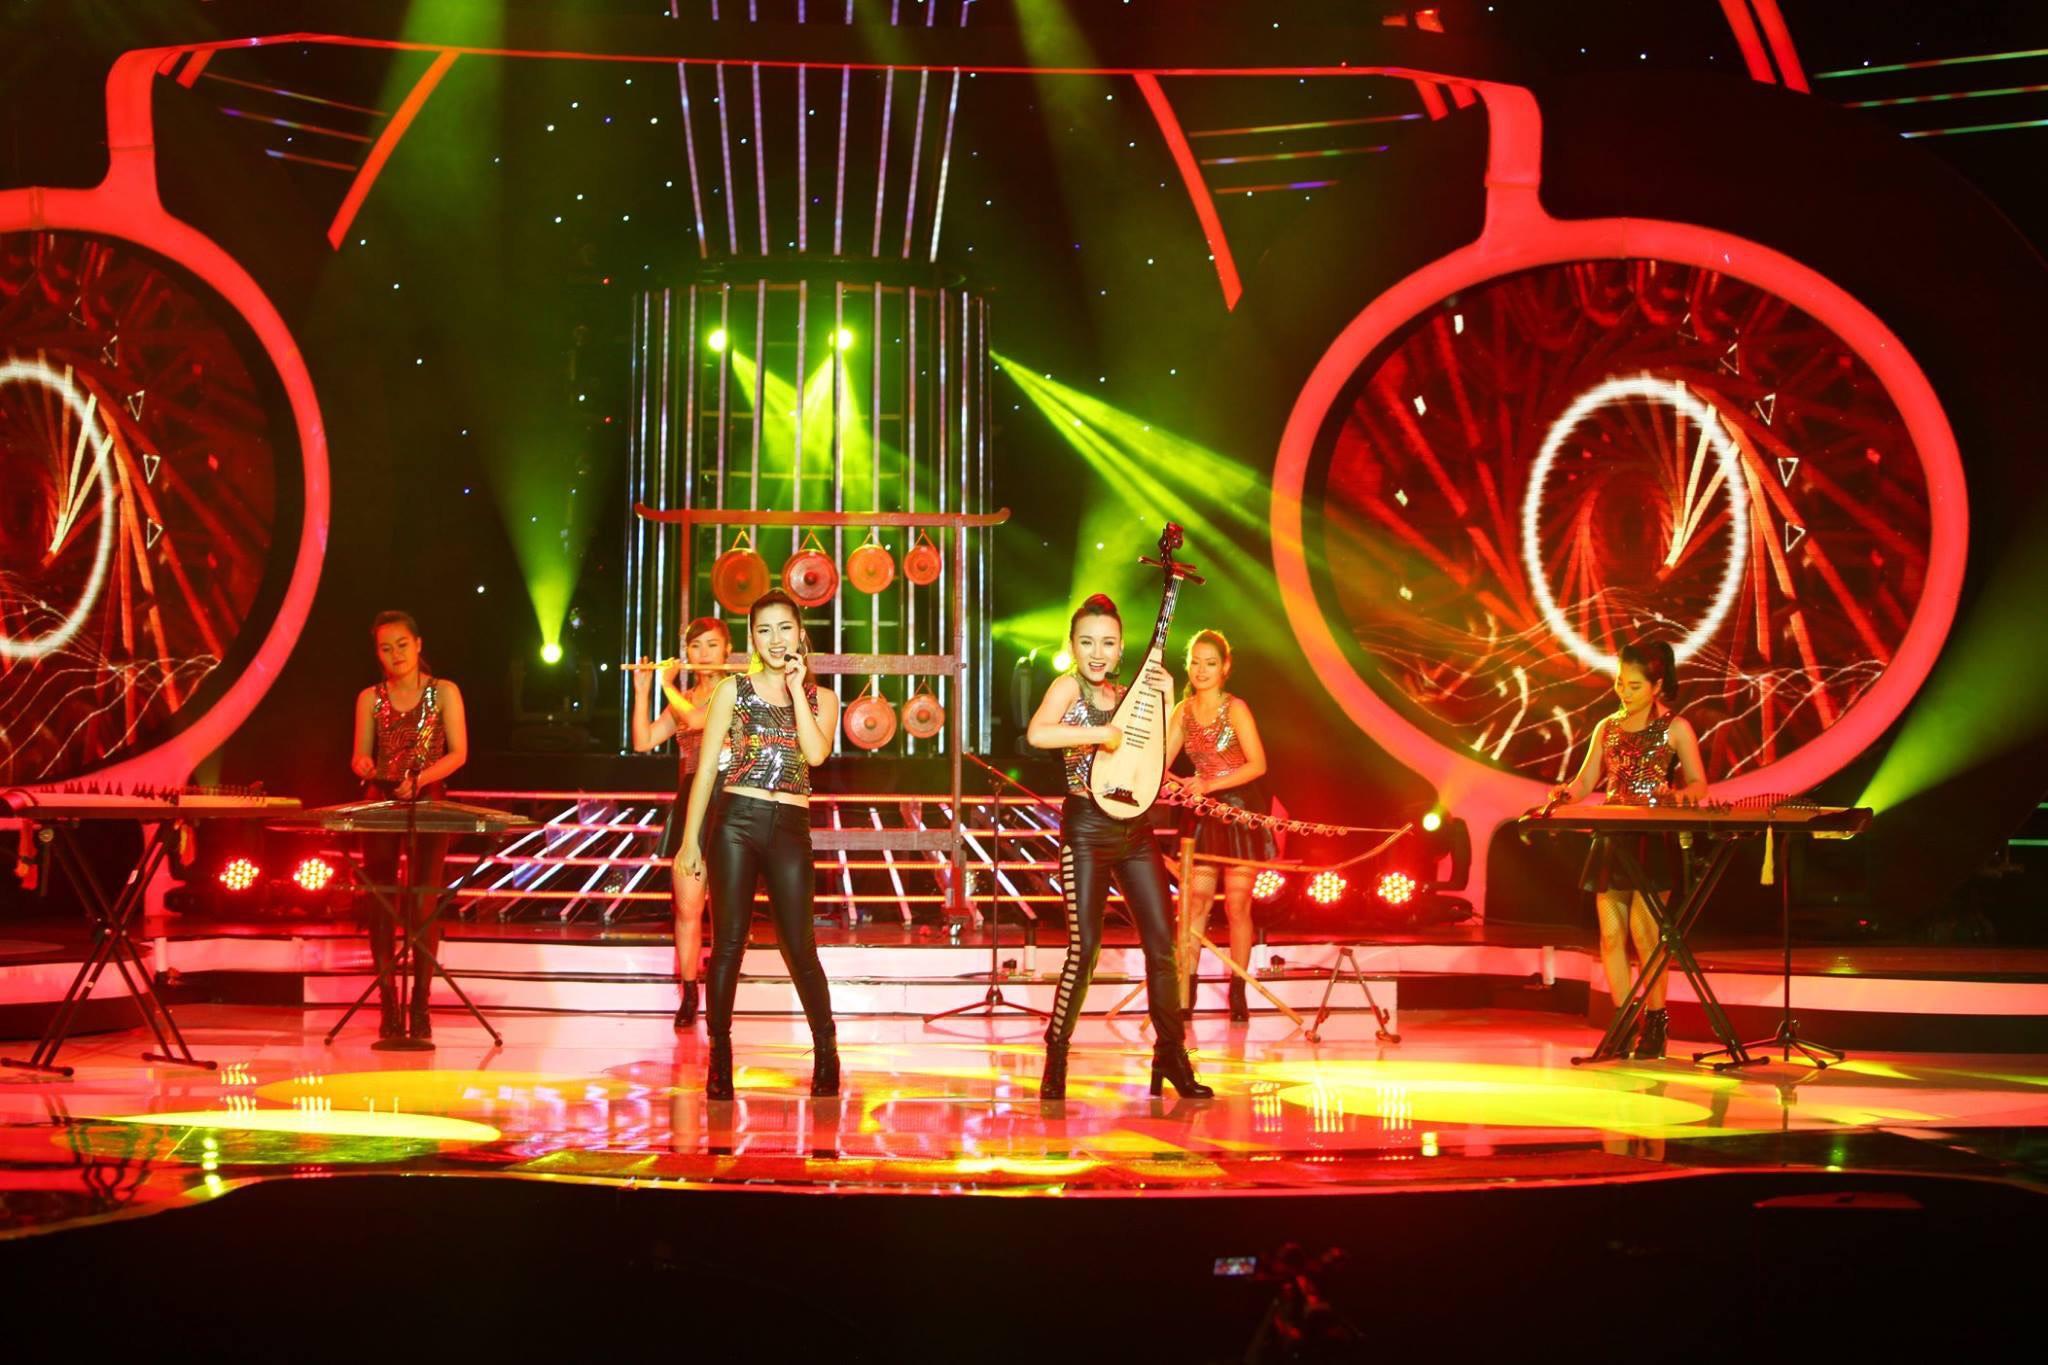 Nhóm nhạc nữ bị chỉ trích mặc phản cảm khi diễn nhạc cụ dân tộc - 1